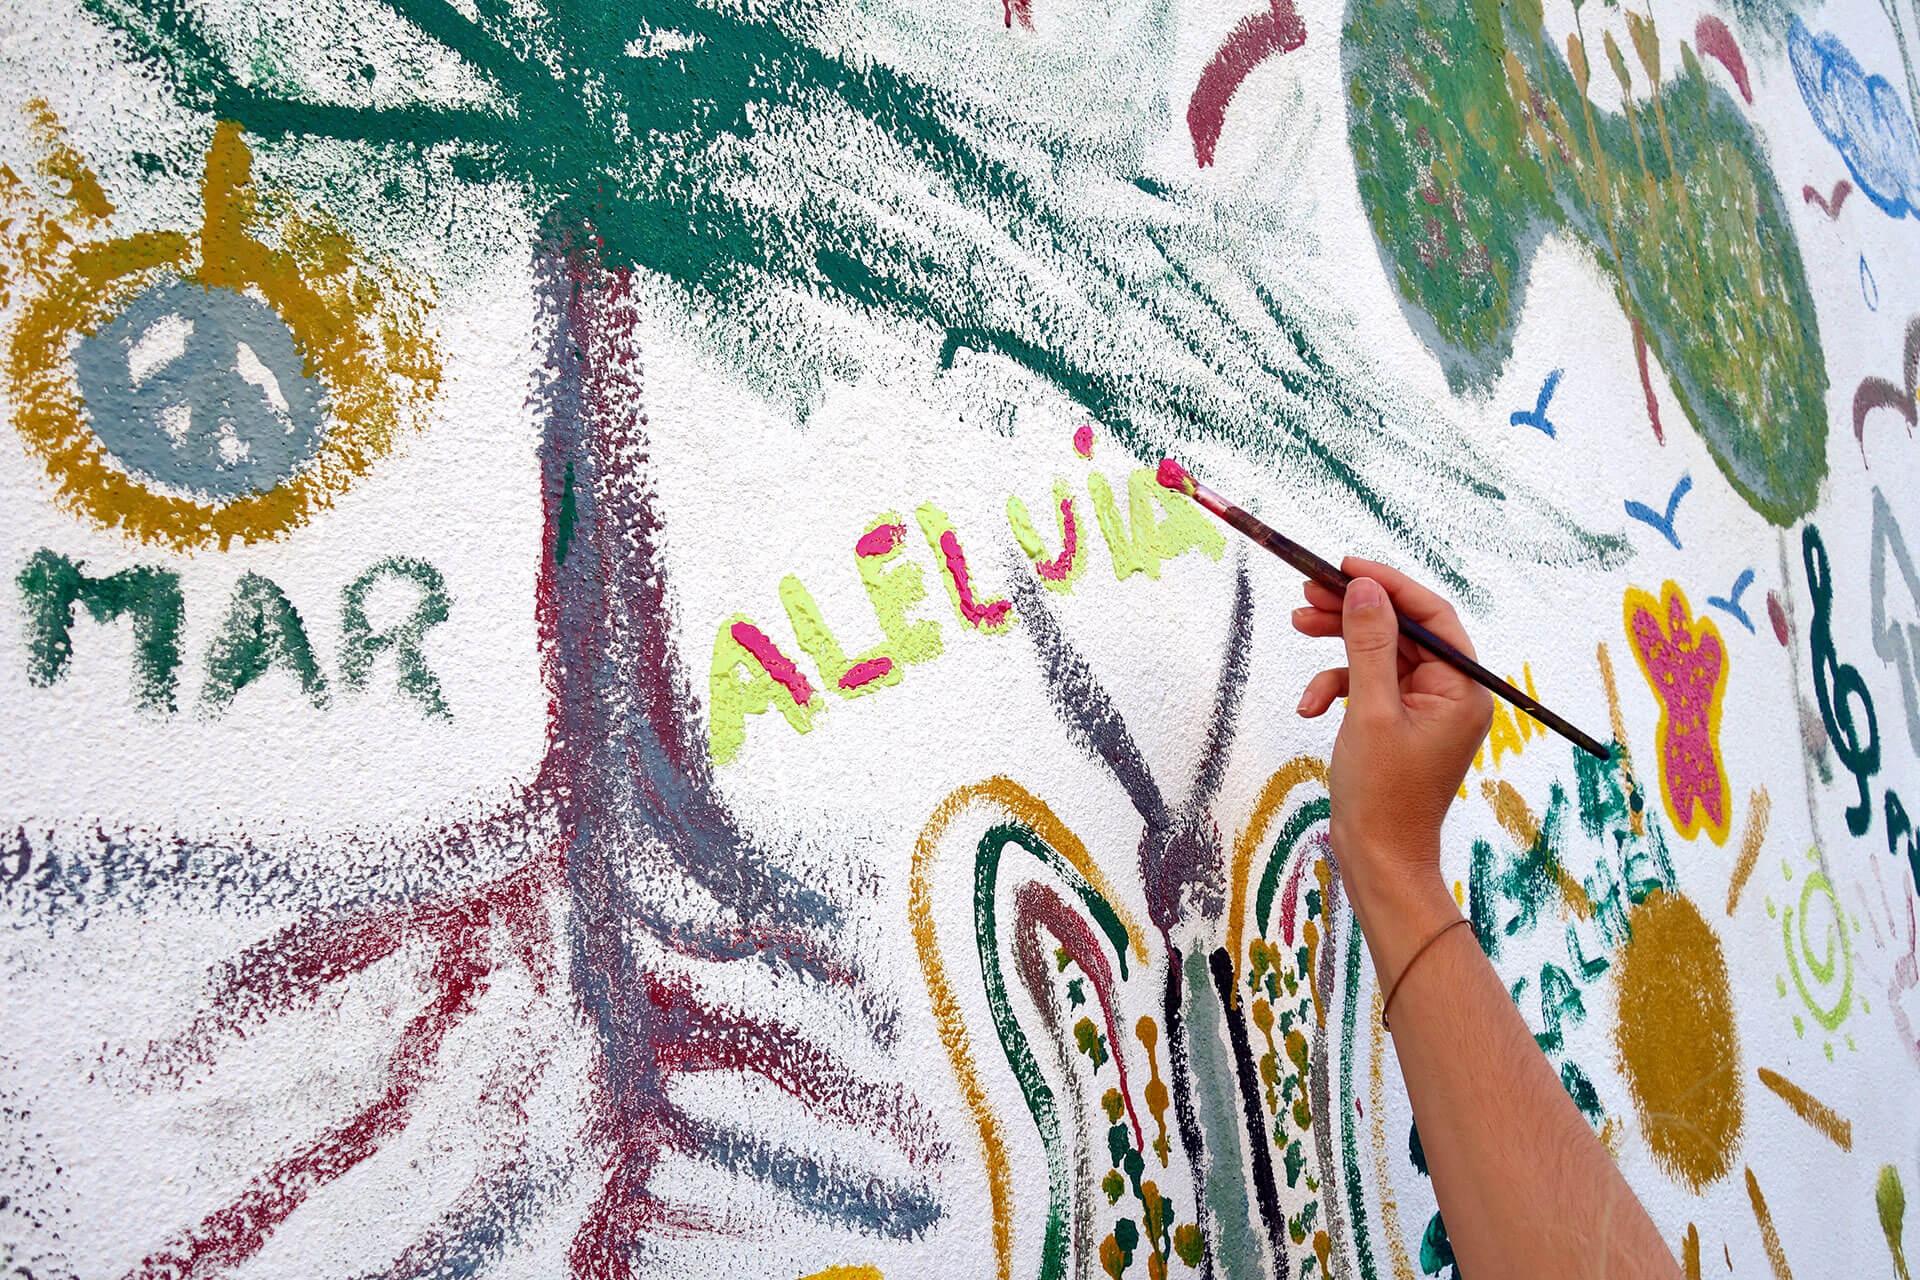 Mão segura num pincel para pintar parede com motivos relacionados com PNL